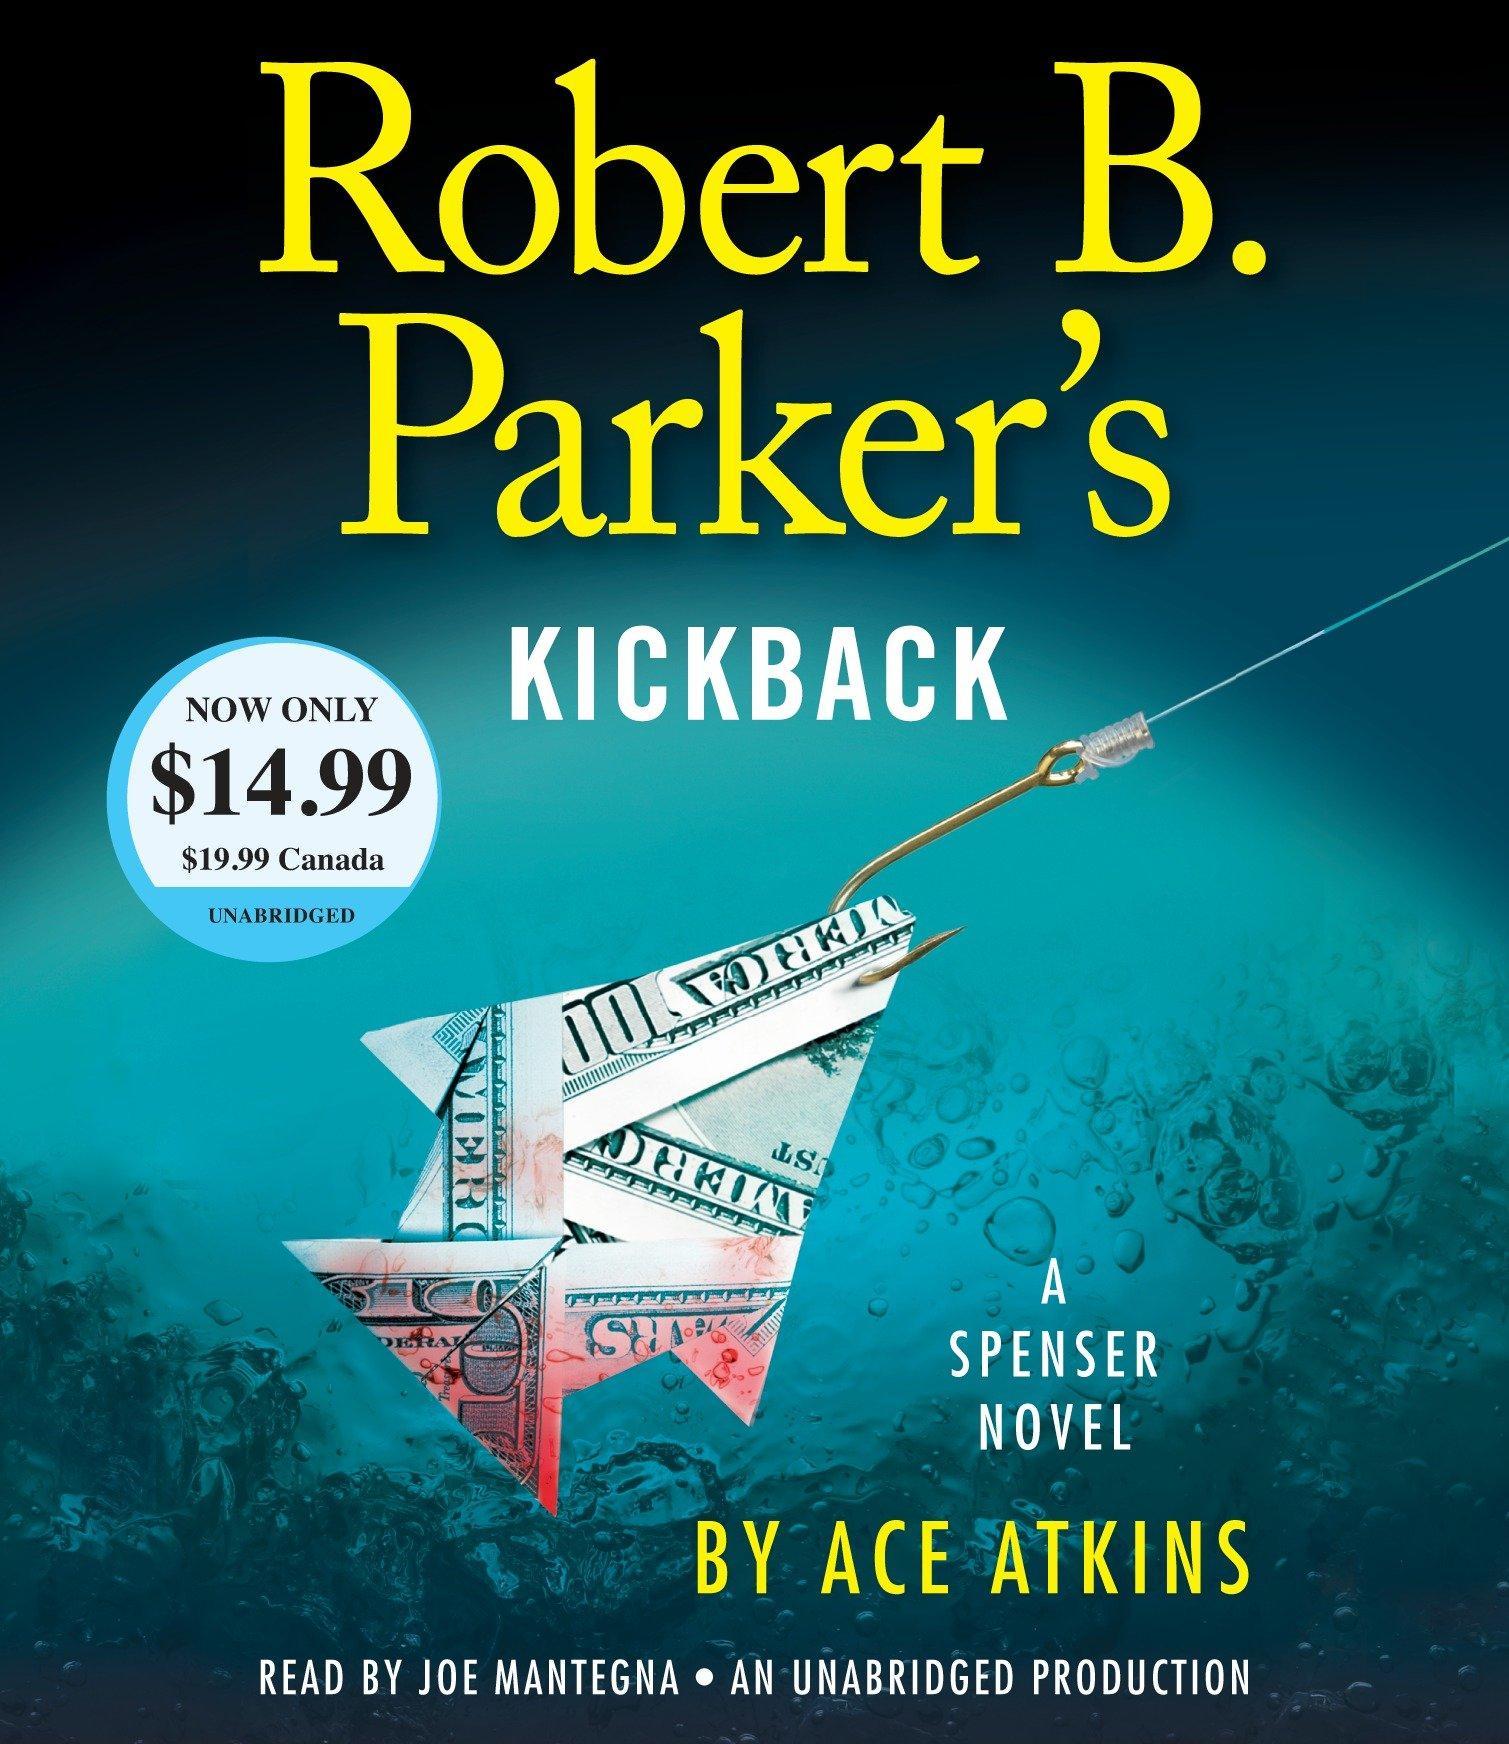 Robert B. Parker's Kickback Ace Atkins